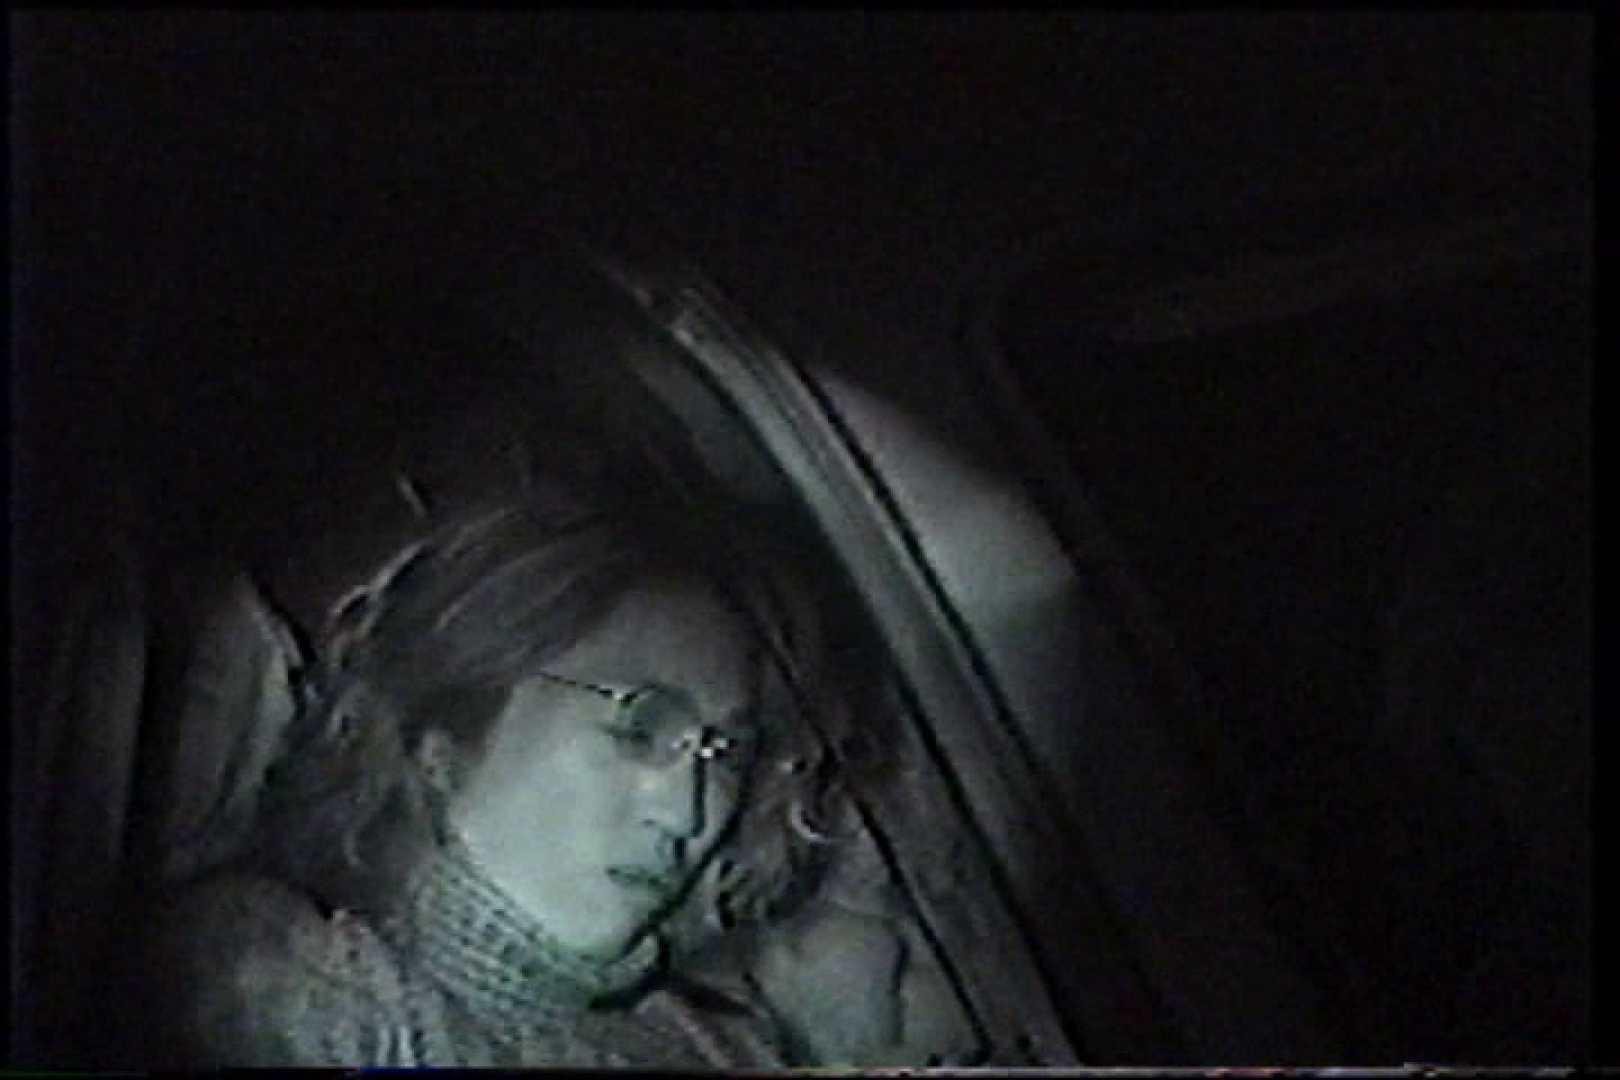 充血監督の深夜の運動会Vol.214 後編. レズ特集 ヌード画像 88pic 17